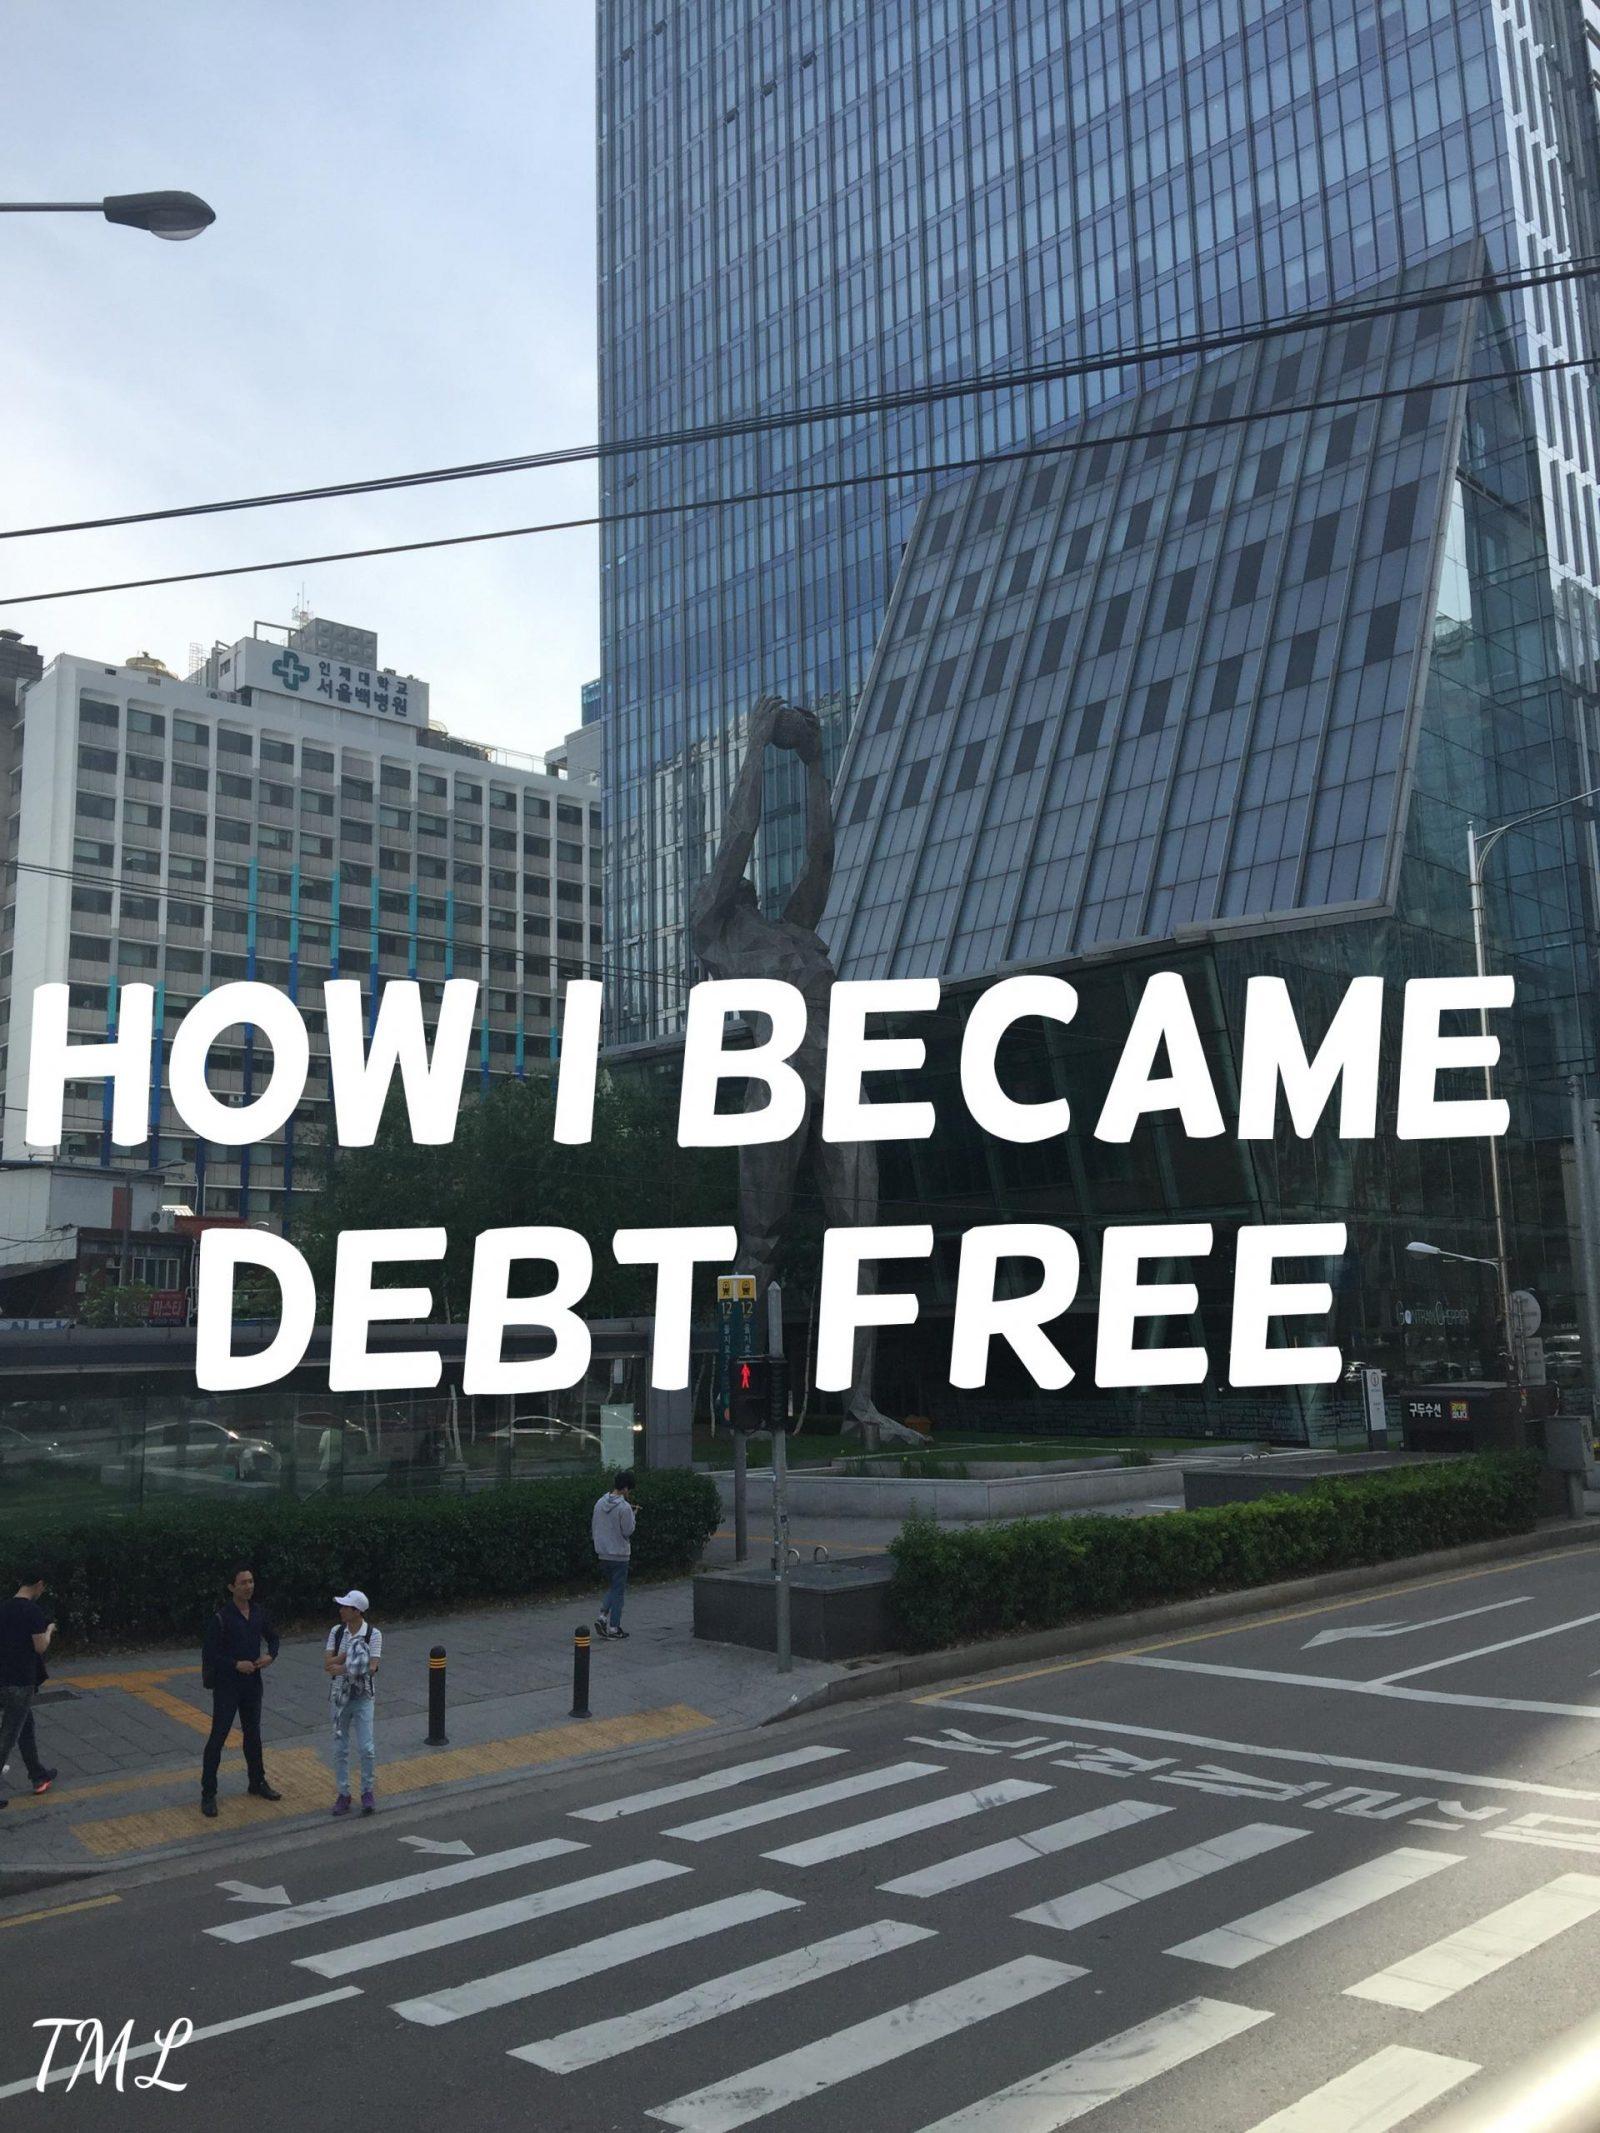 How I became debt free